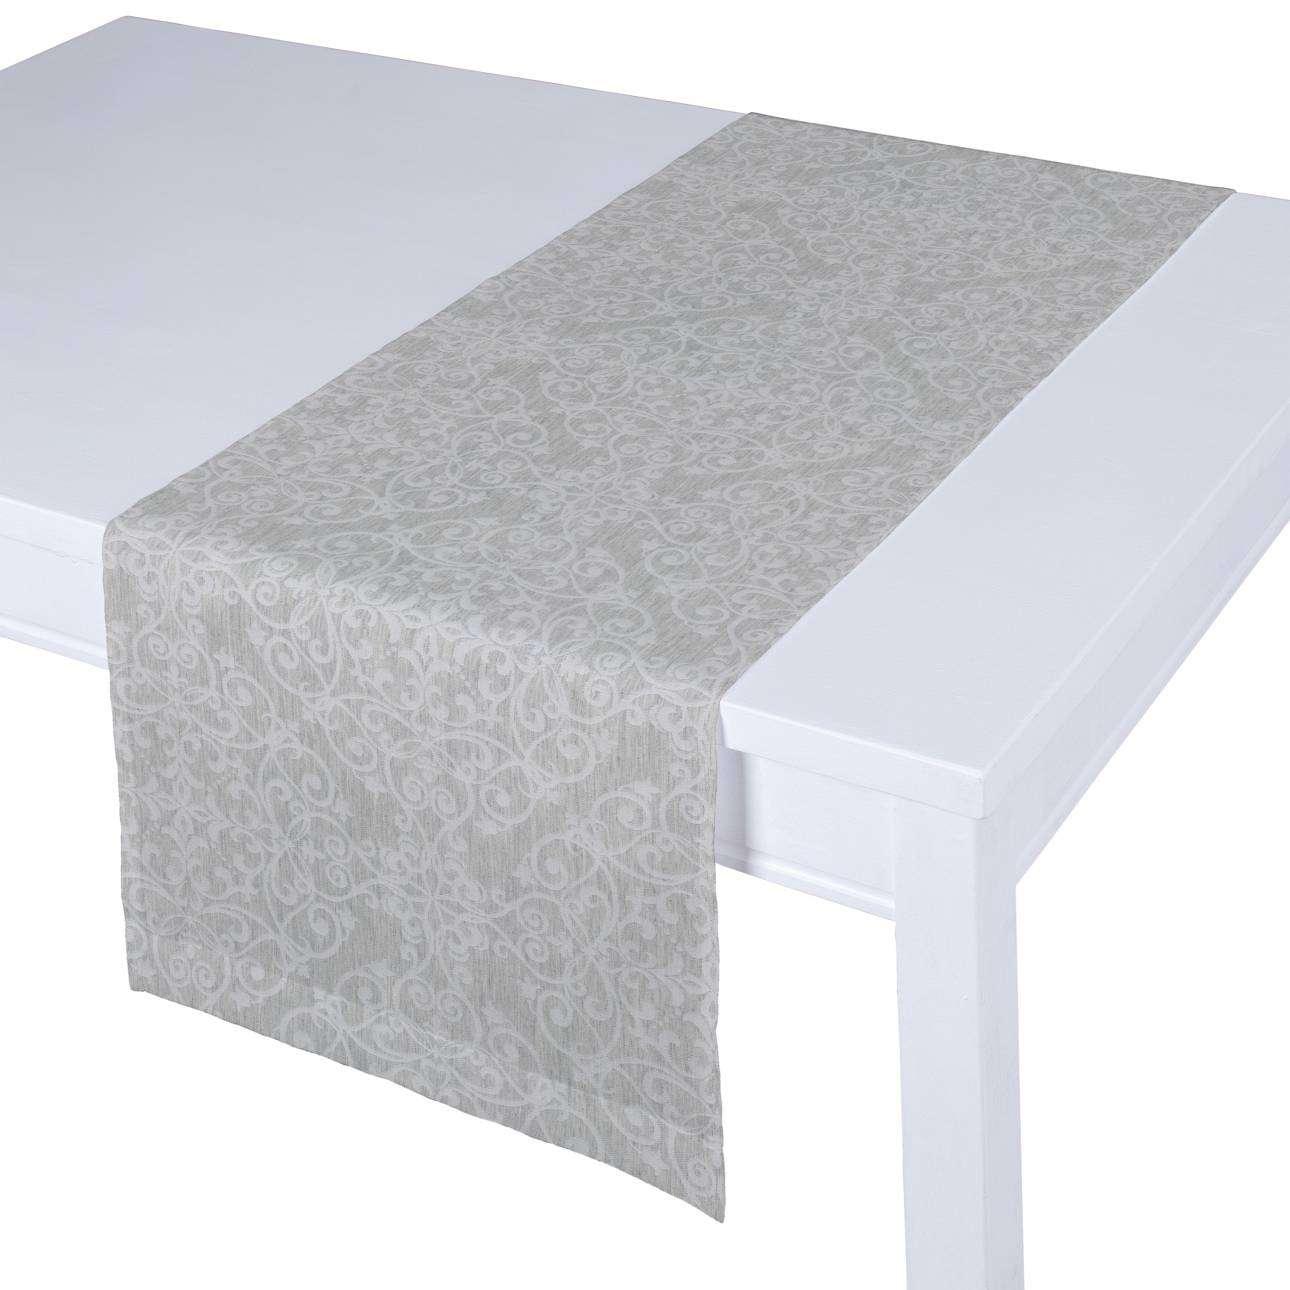 Rechteckiger Tischläufer 40 x 130 cm von der Kollektion Venice, Stoff: 140-49